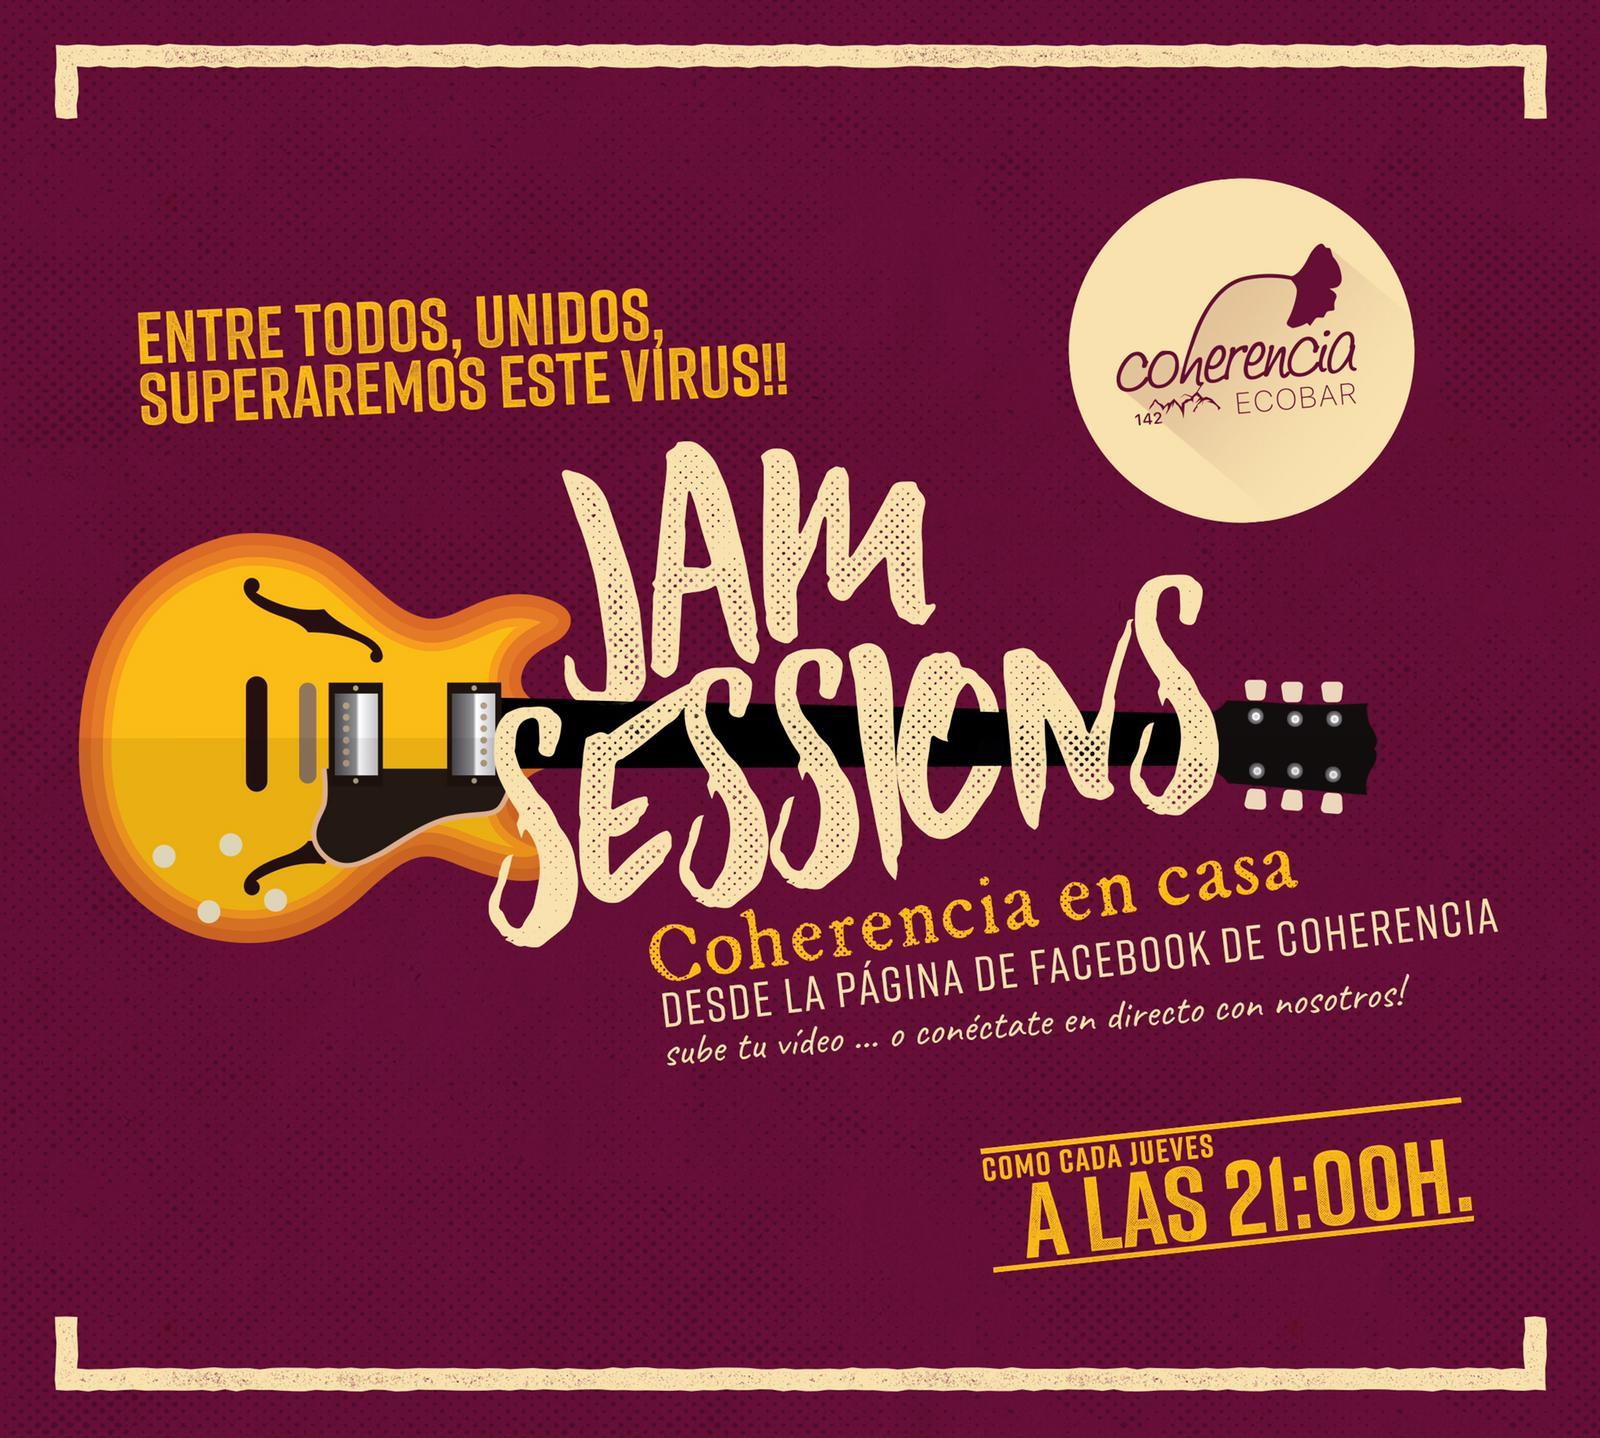 Coherencia Bar organiza para hoy jueves una Jam Session desde su página en Facebook 1